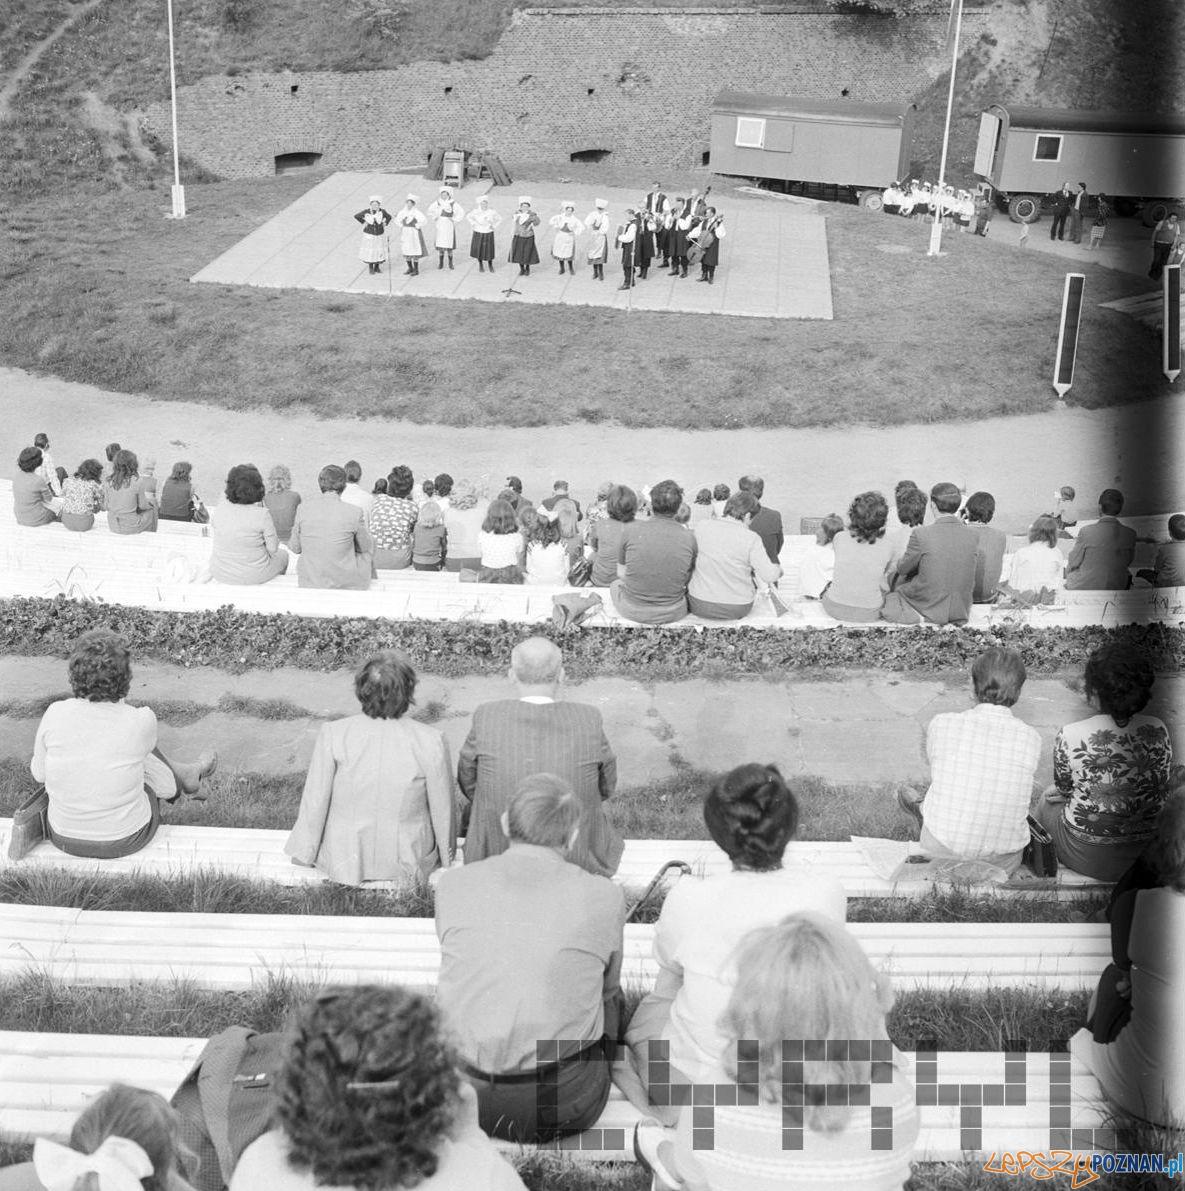 Amfiteatr Cytadela wystep 30 lat Gazeta Poznanska 10.05.75